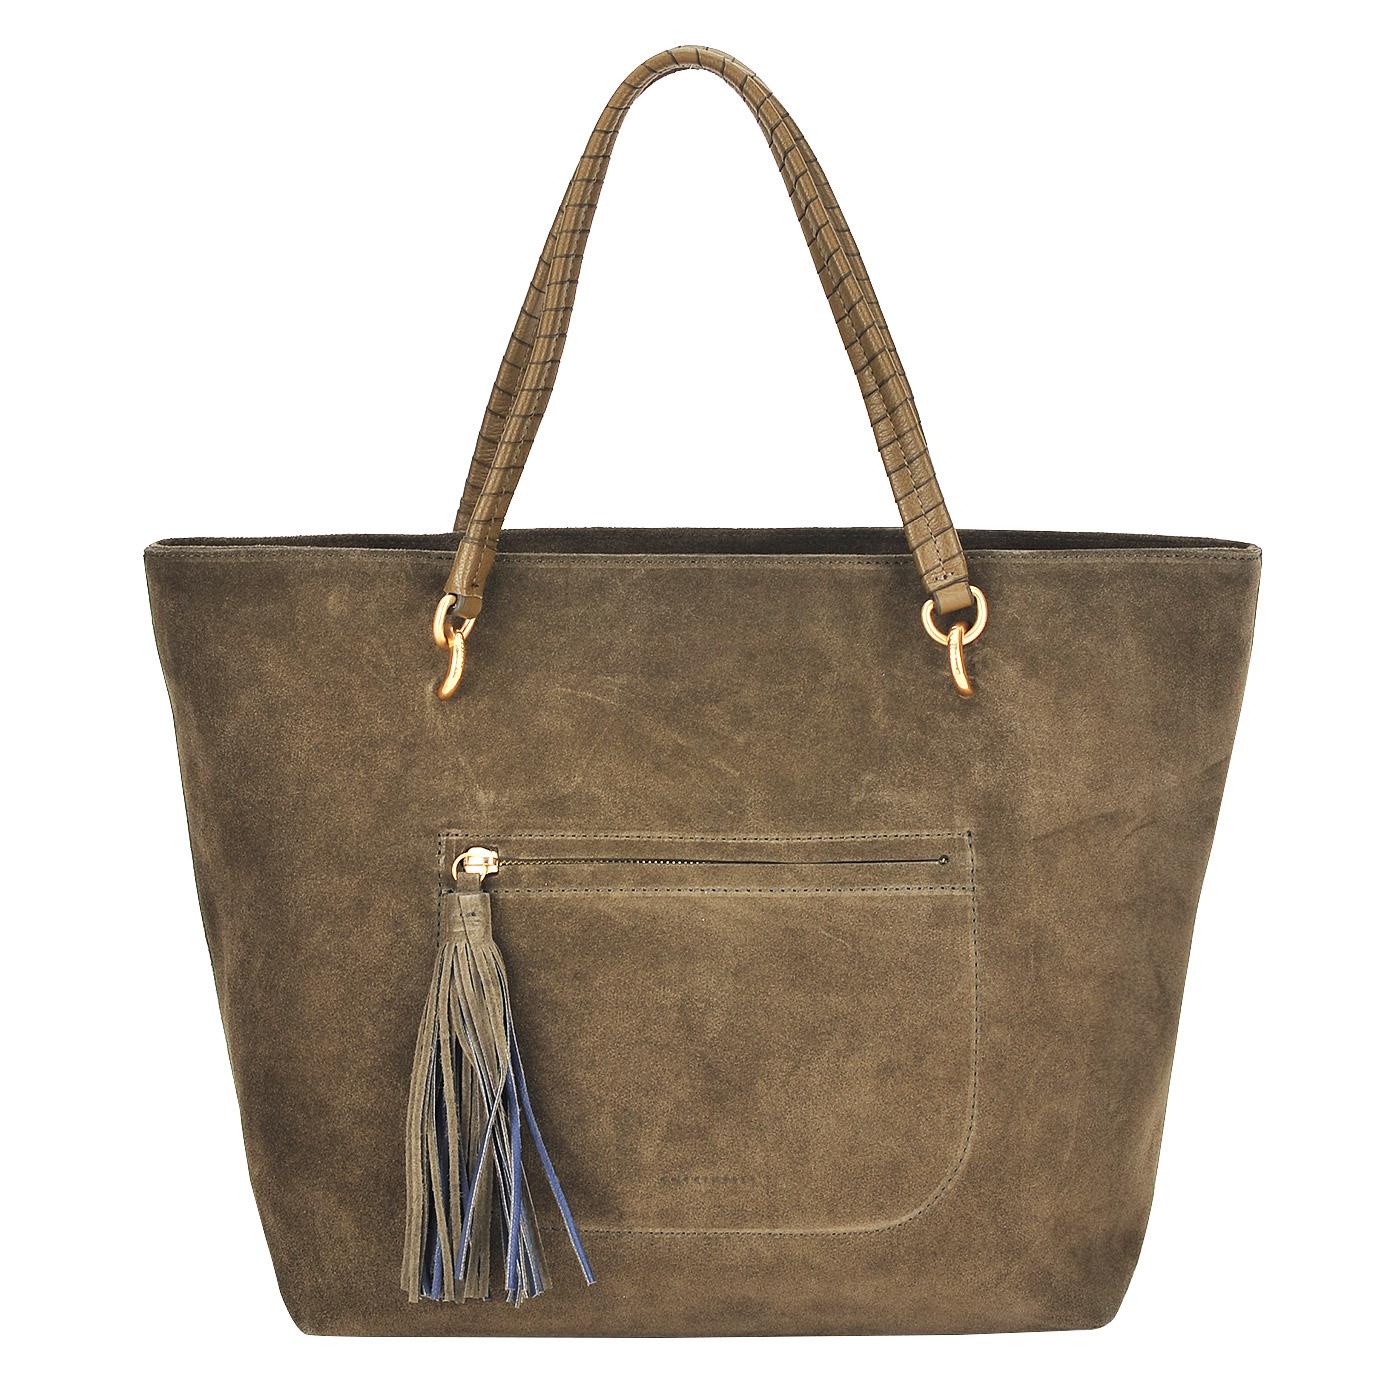 СумкаКлассические сумки<br>Закрывается на молнию. Внутри одно отделение, в котором карман на молнии. Снаружи на передней стенке рюкзака карман на молнии.<br><br>count_sale: 0<br>new: 1<br>sale: 0